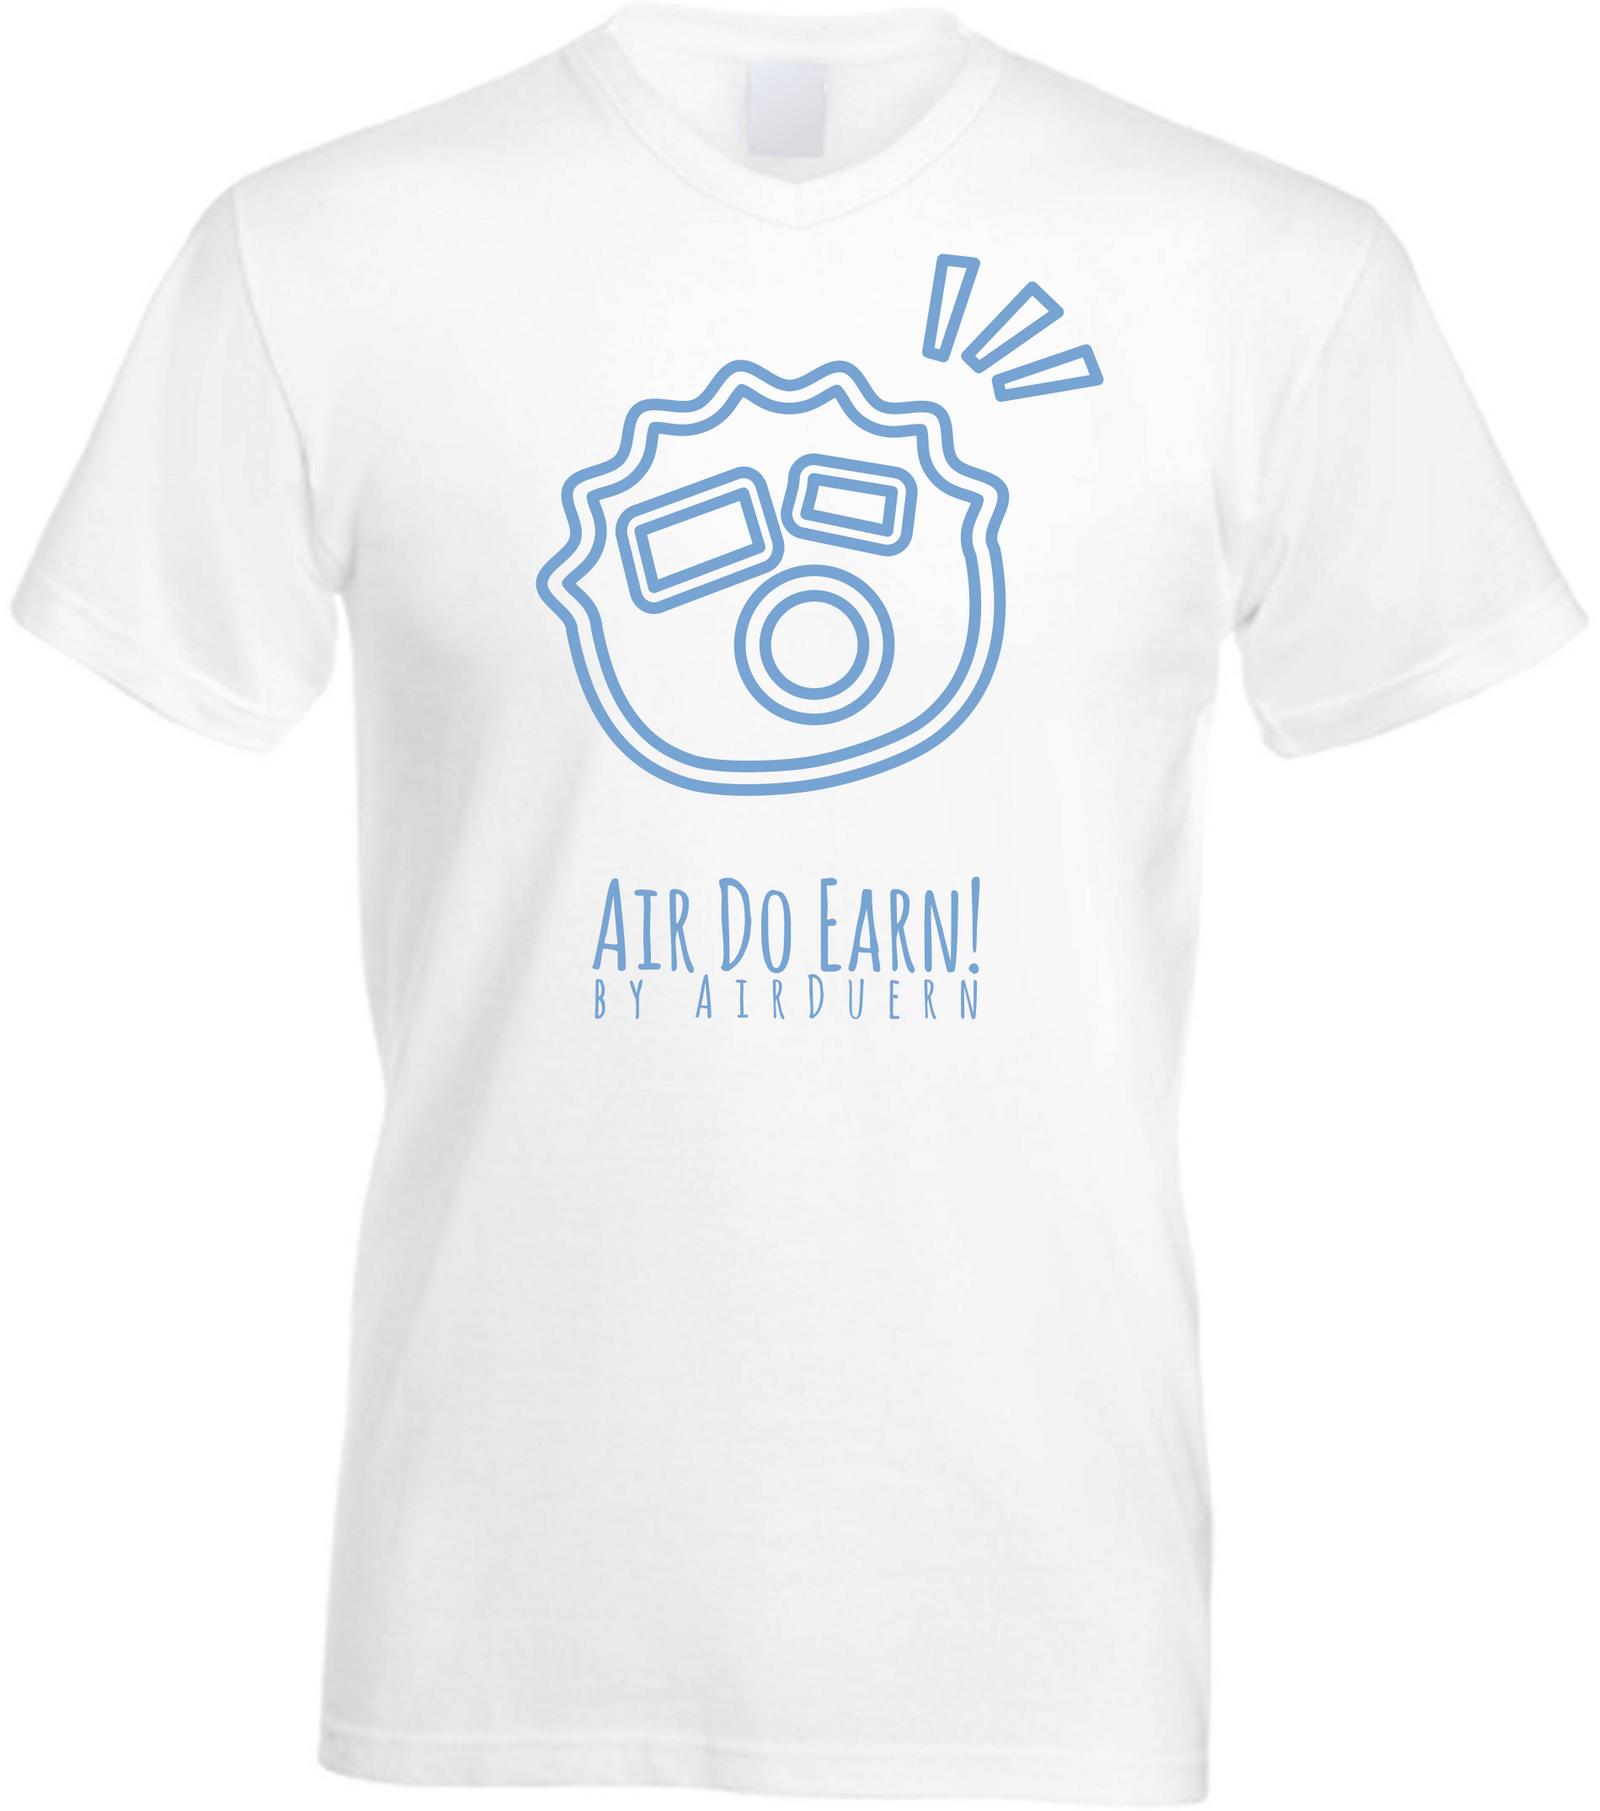 AirDoEarn tshirt by airduern by AirDuern